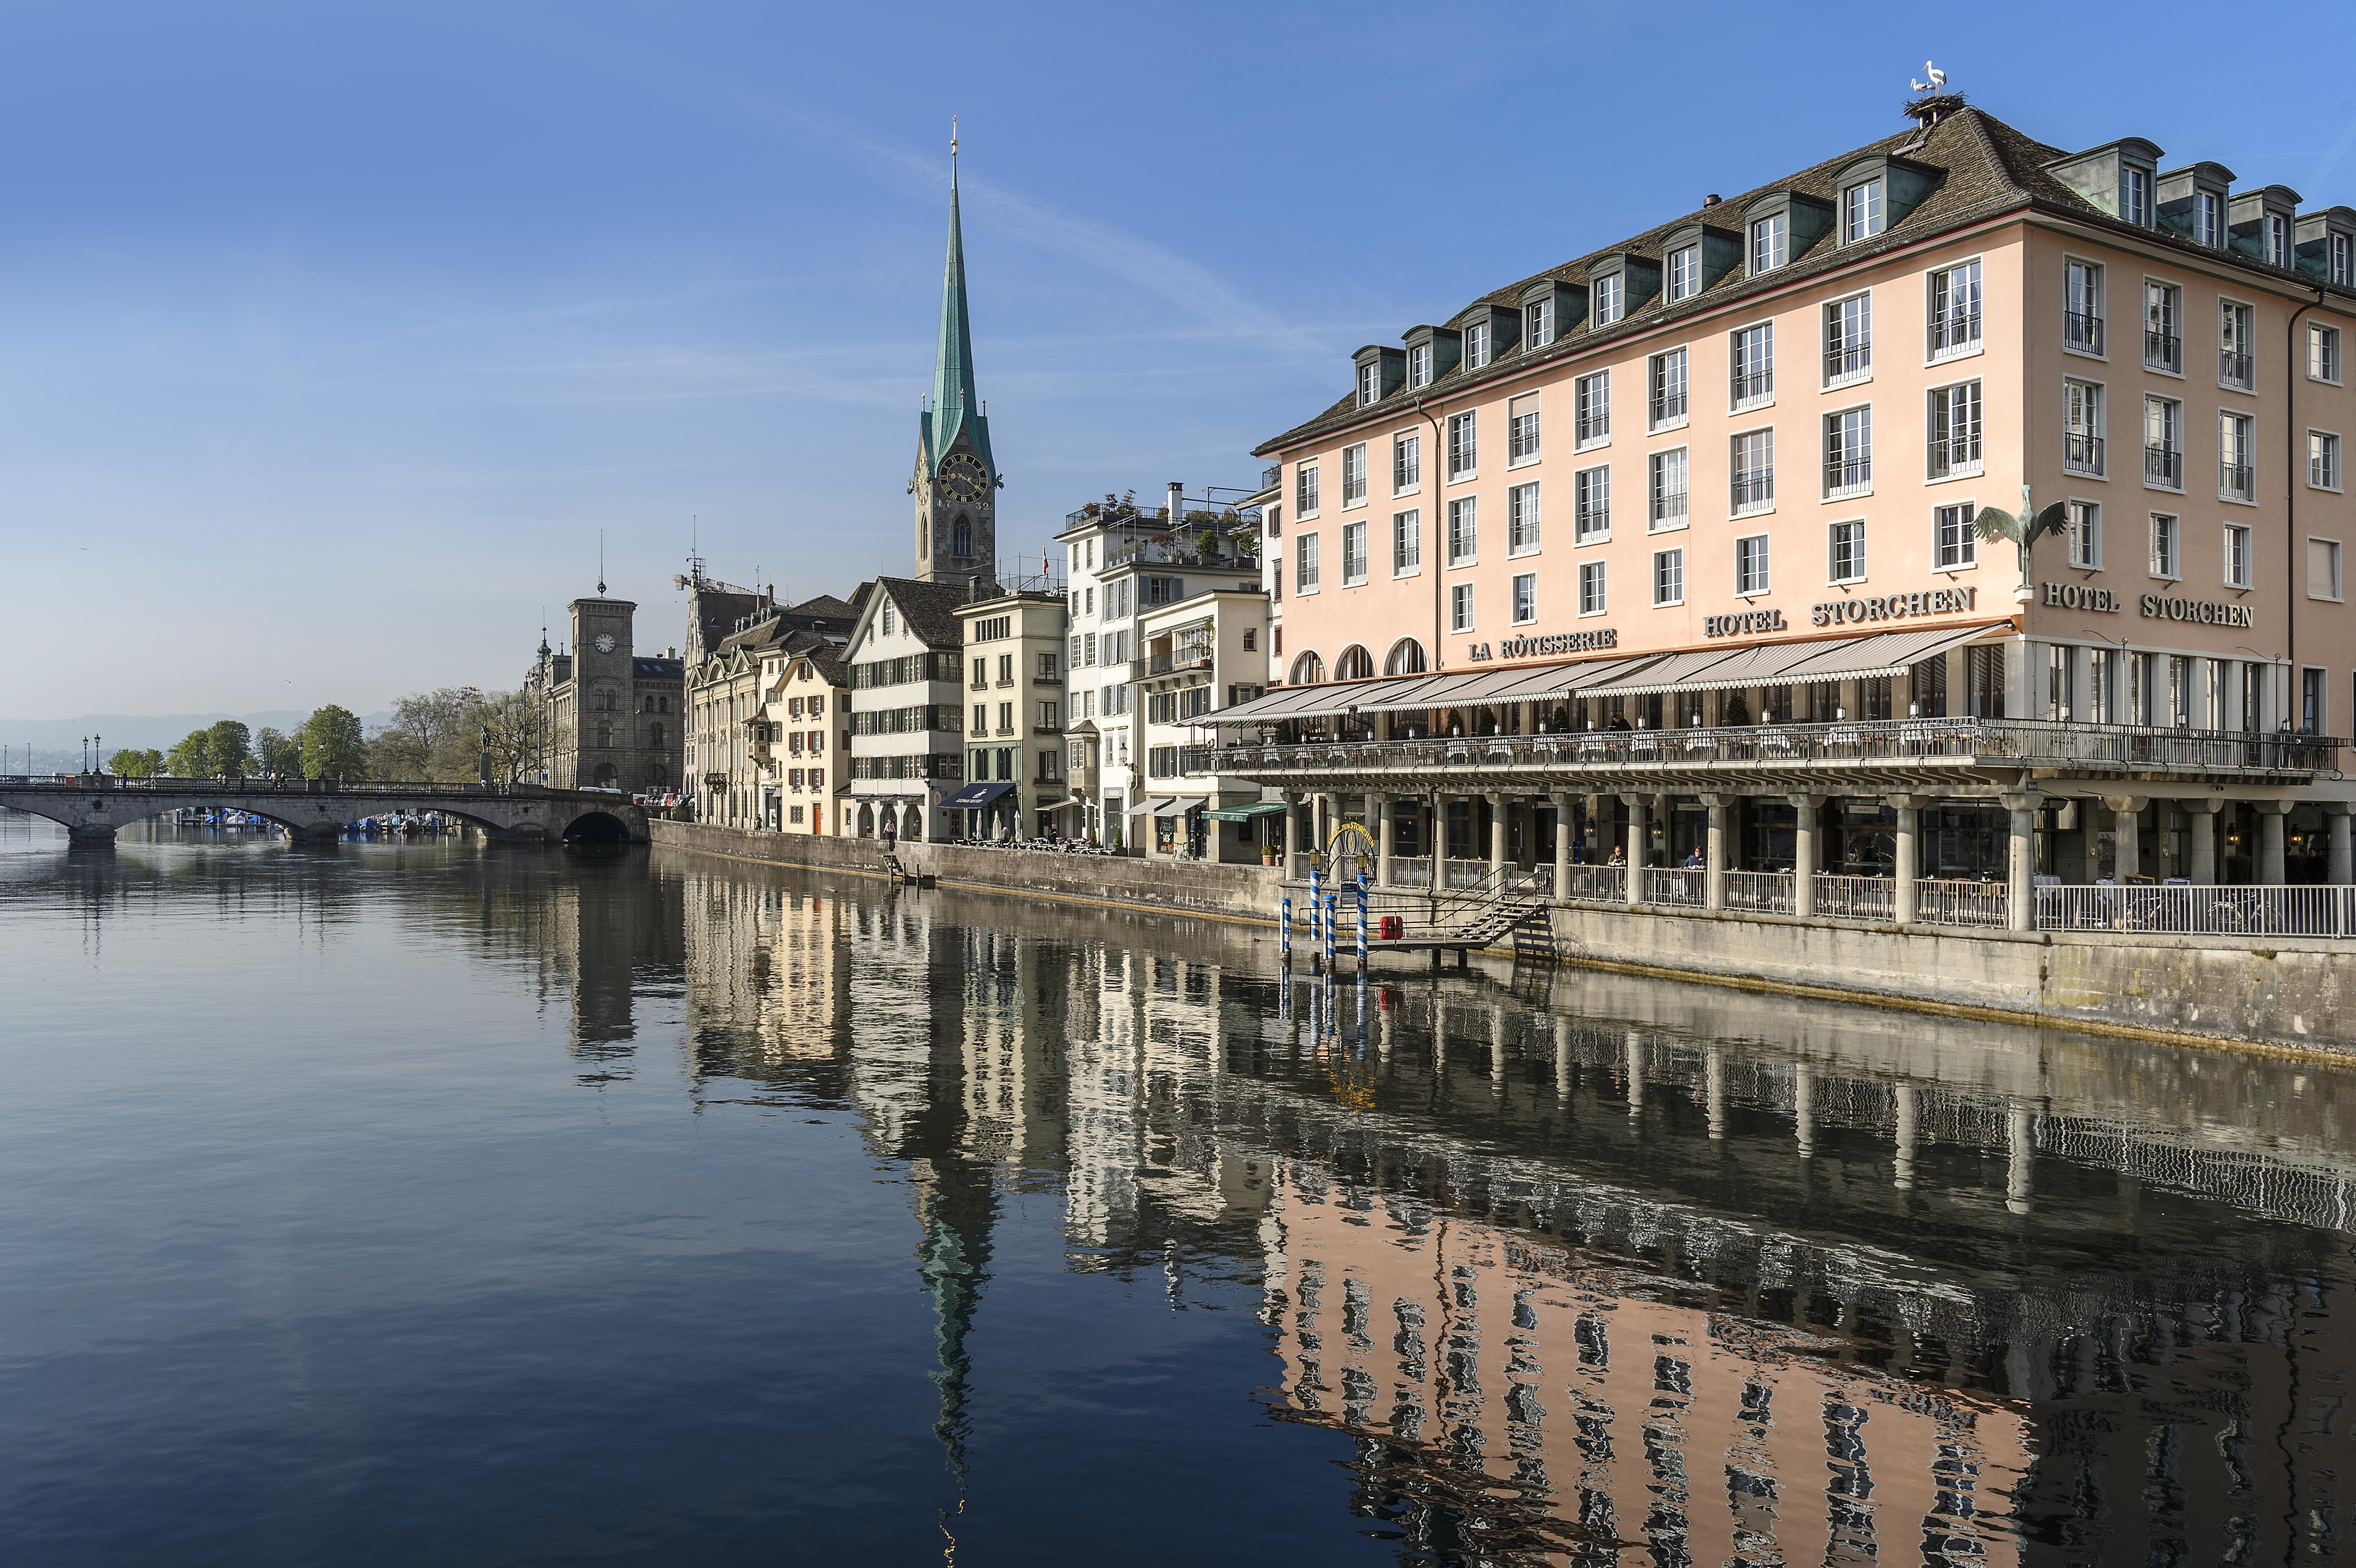 Hotel Storchen Zurich